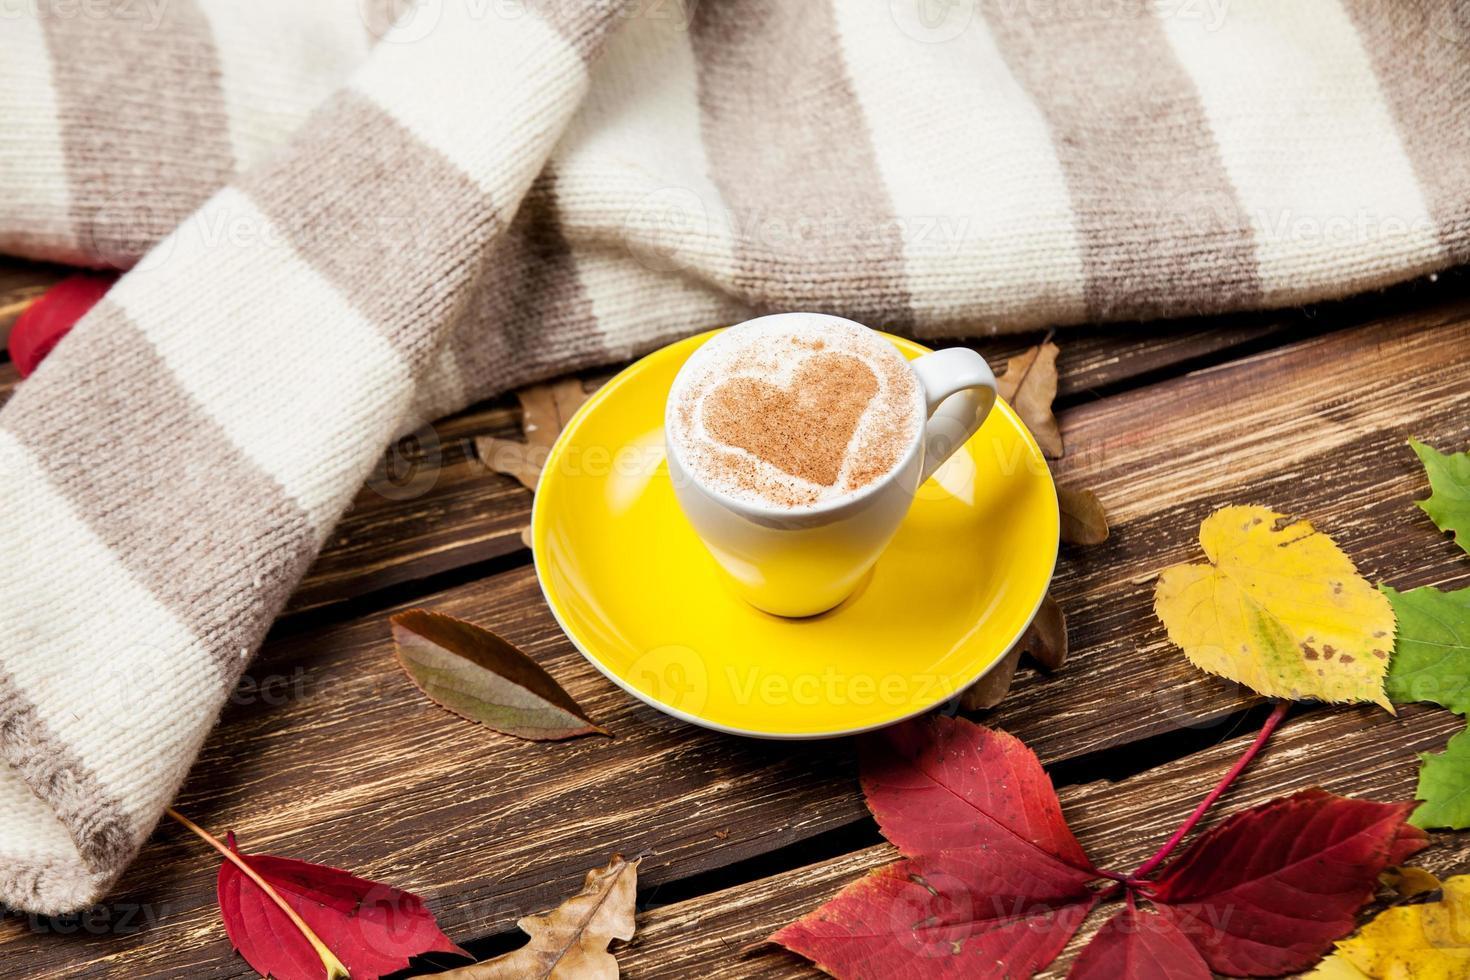 herfstbladeren, sjaal en koffiekopje op houten tafel. foto